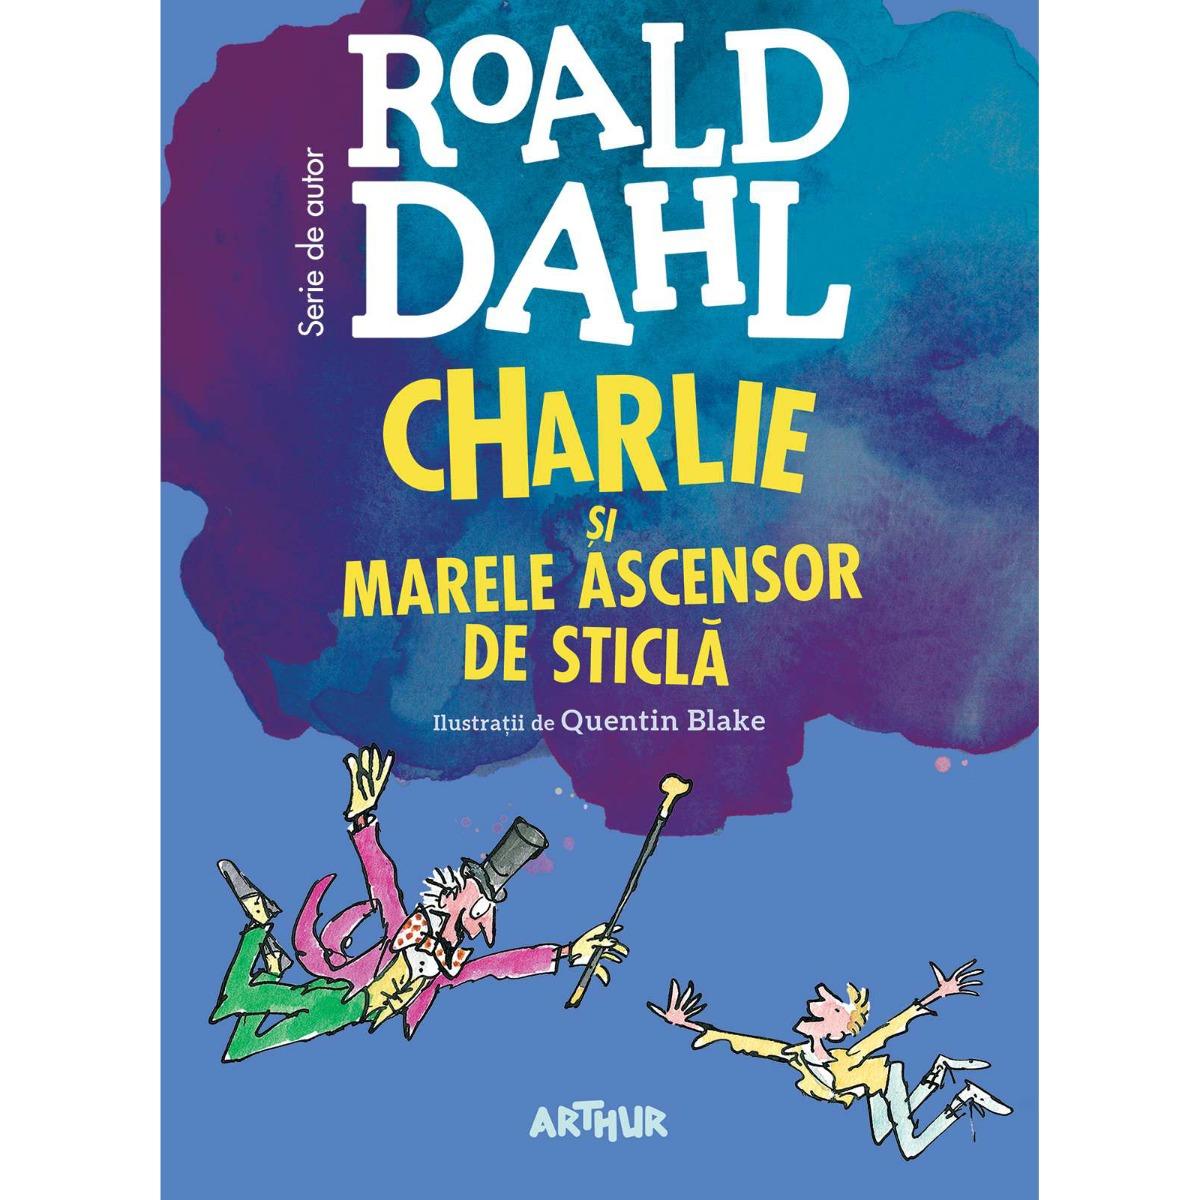 Carte Editura Arthur - Charlie si Marele Ascensor de Sticla, Roald Dahl